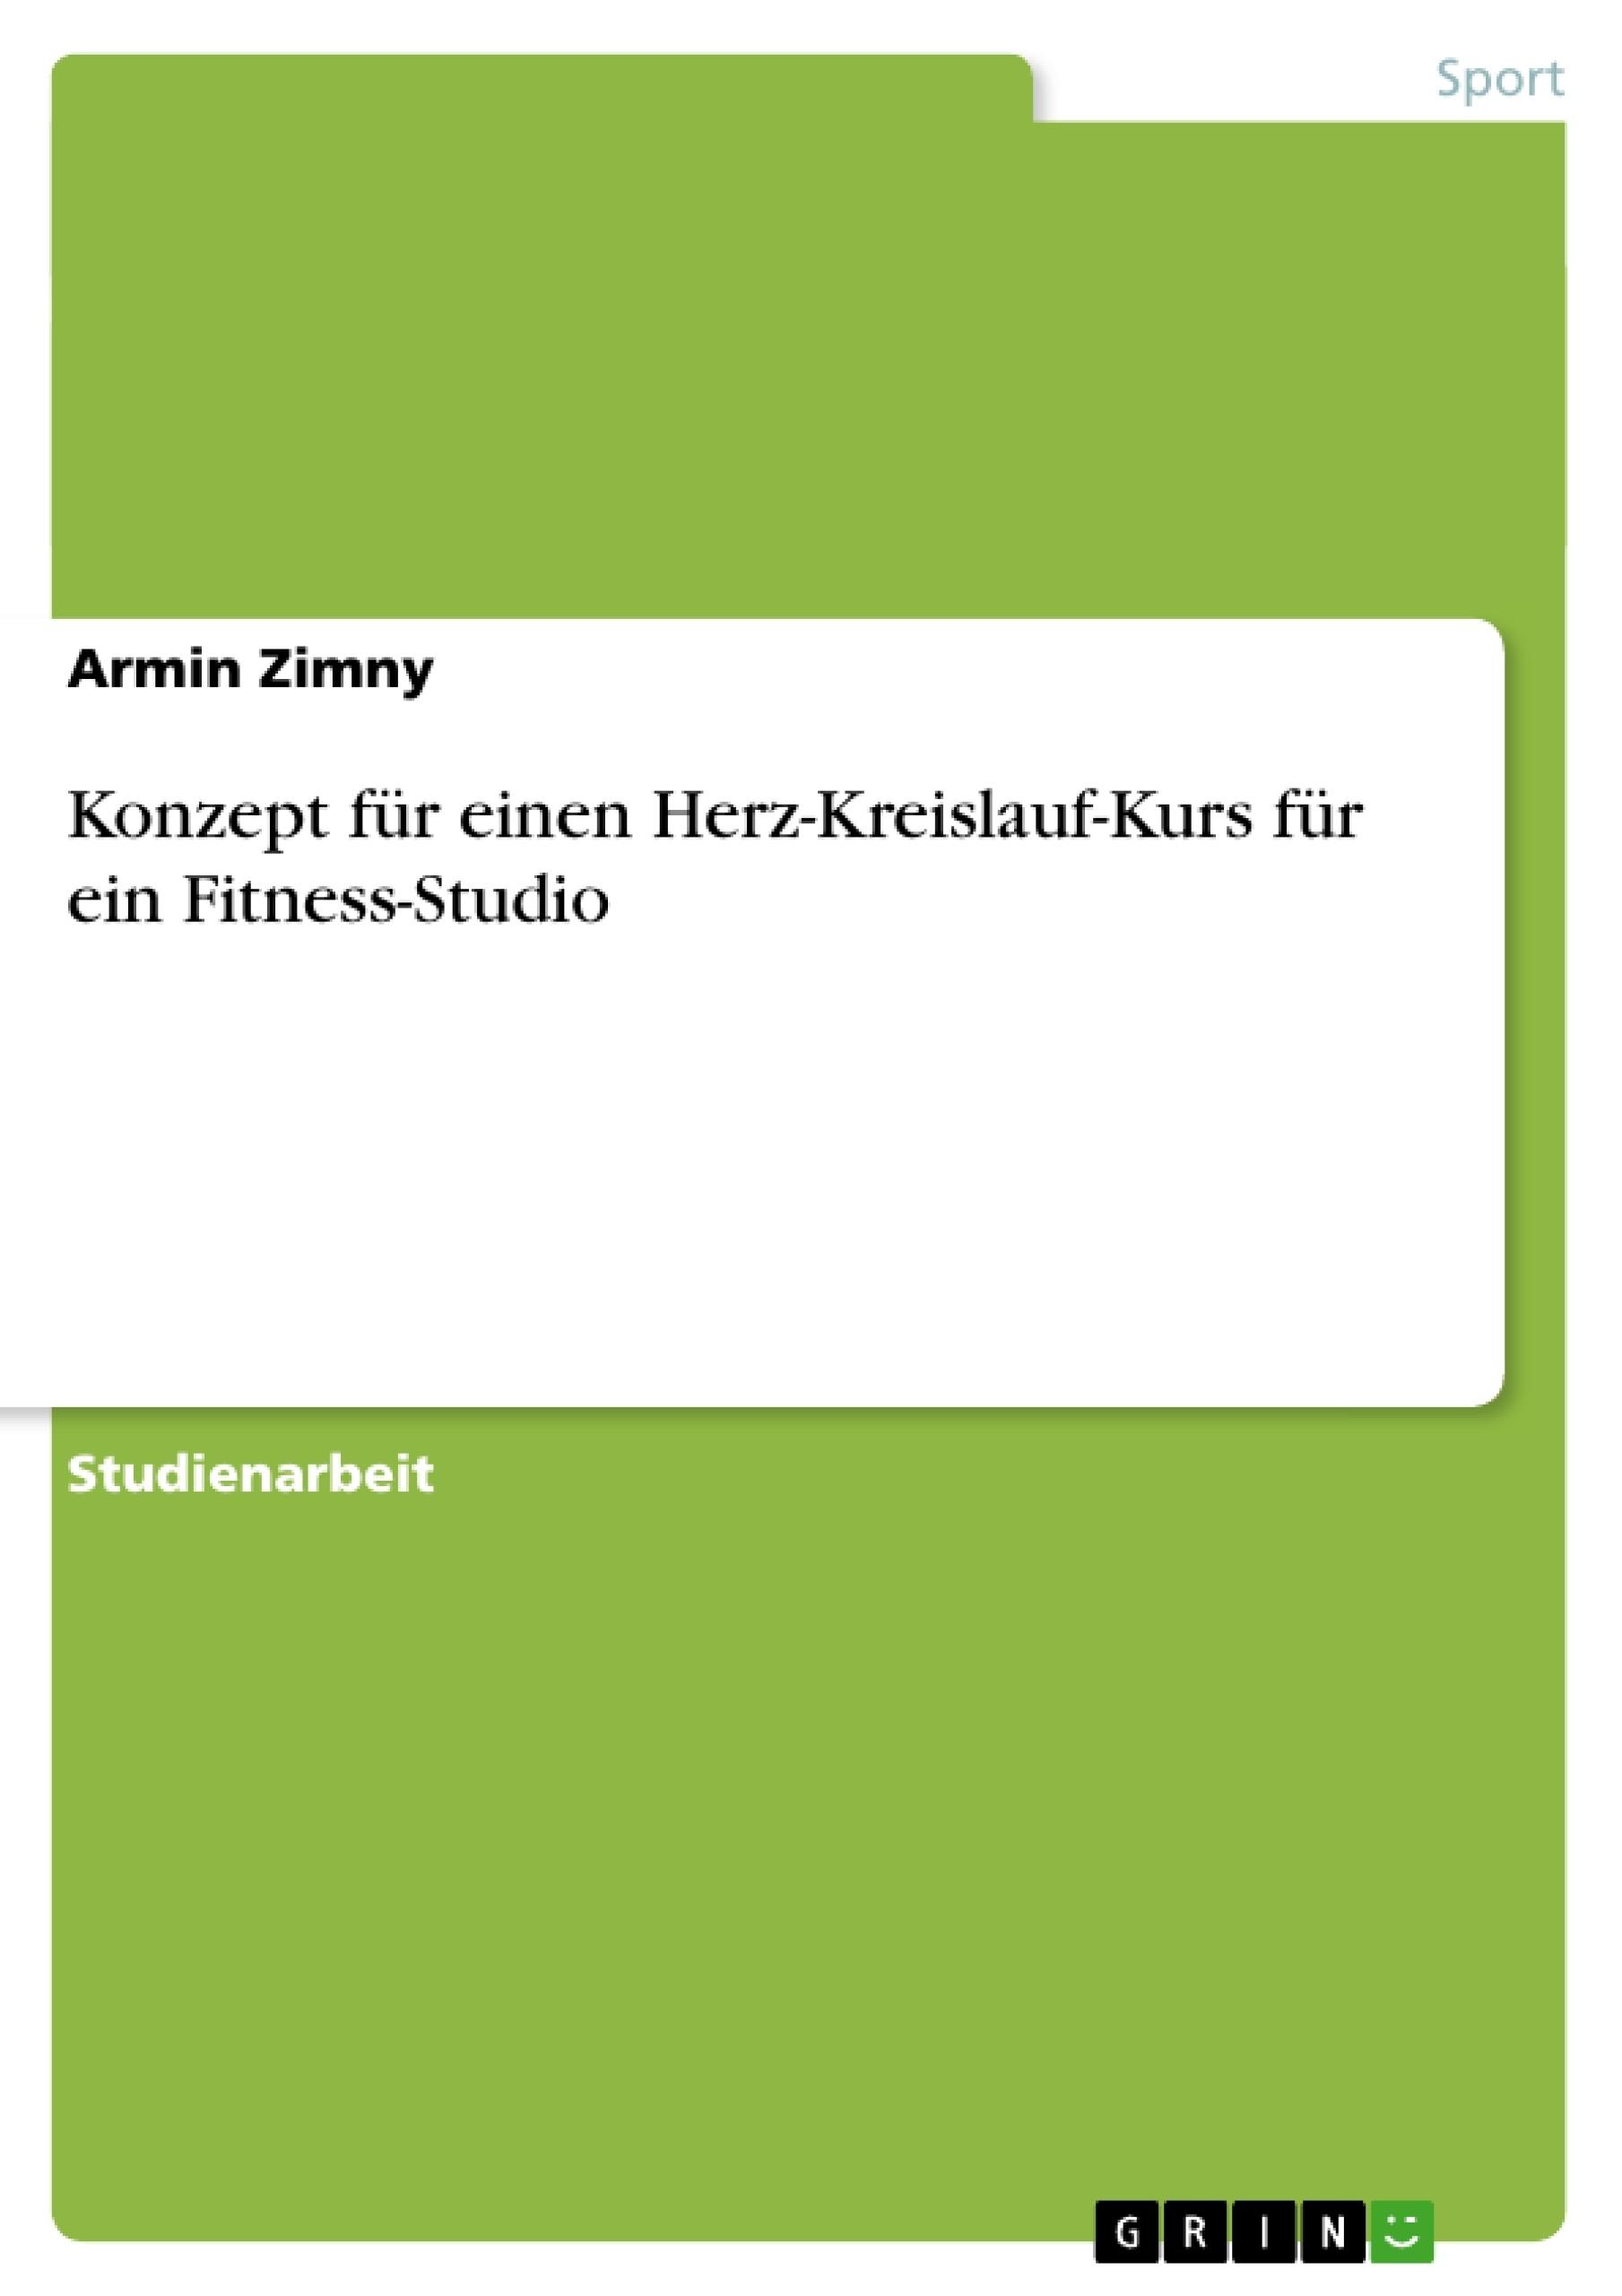 Titel: Konzept für einen Herz-Kreislauf-Kurs für ein Fitness-Studio